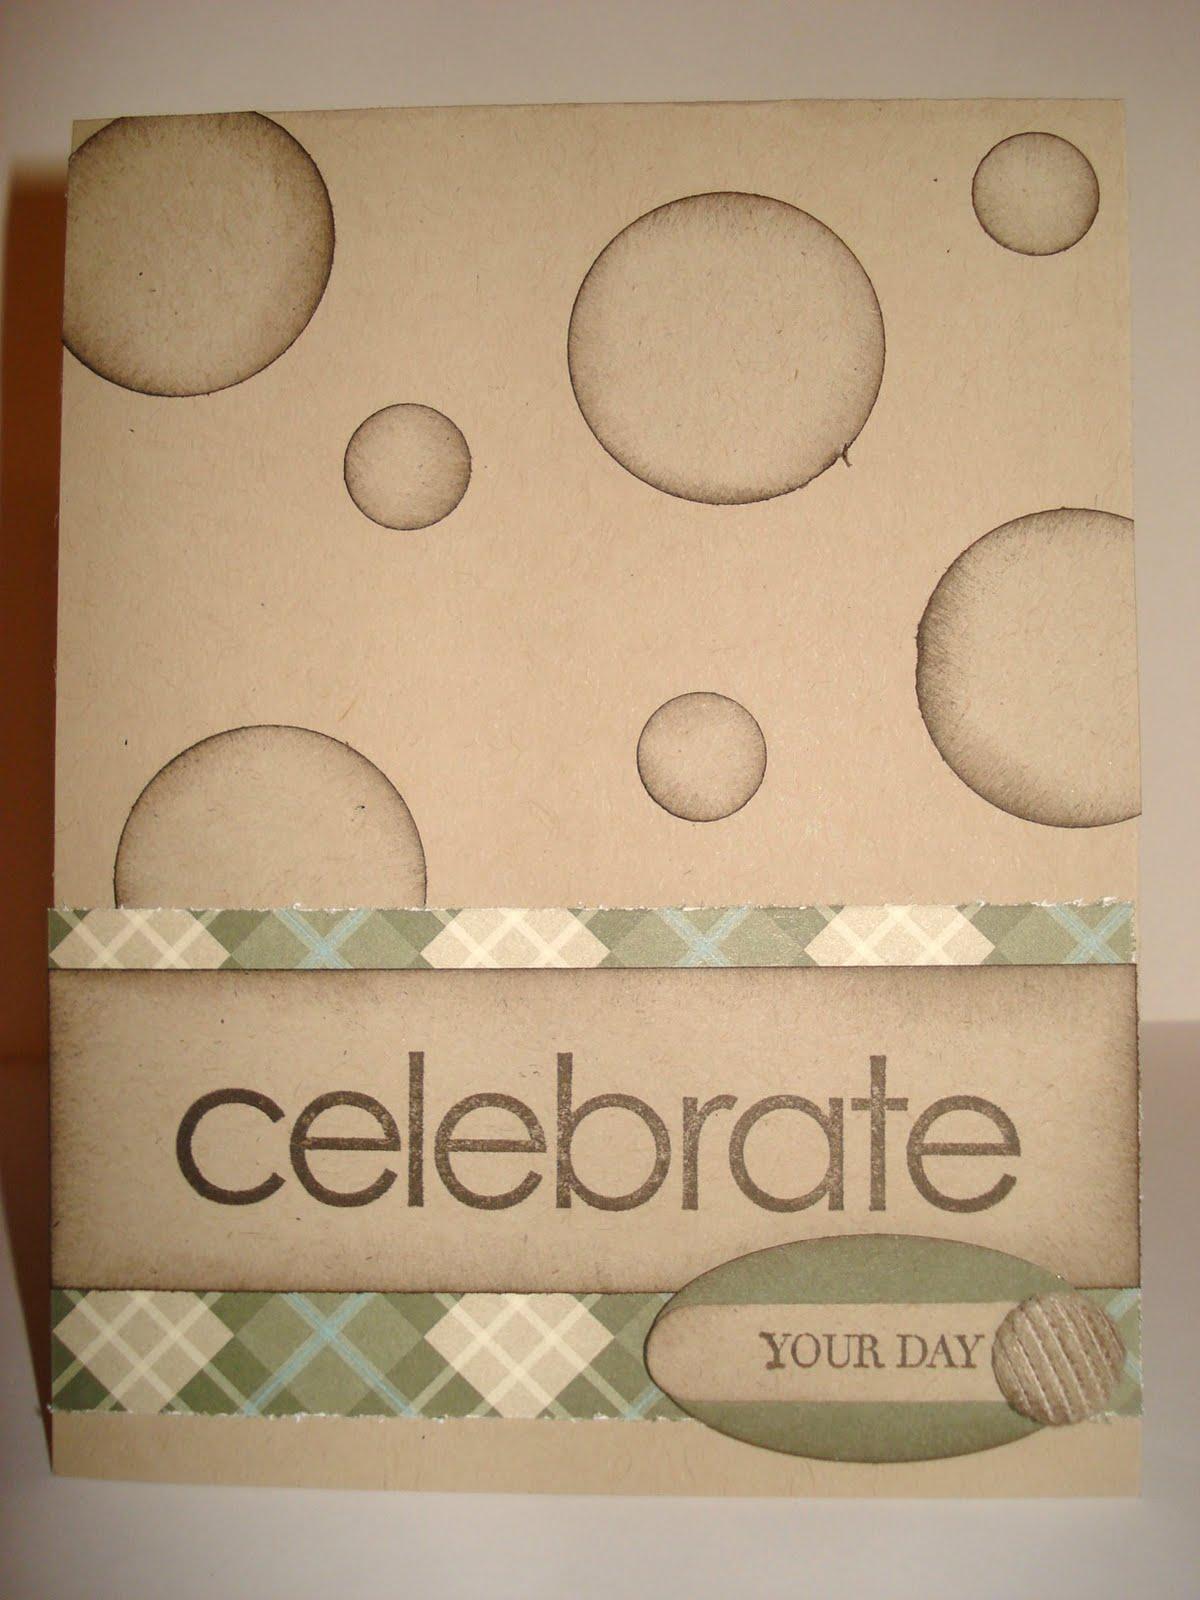 Ballard designs happy birthday card for a man happy birthday card for a man kristyandbryce Gallery